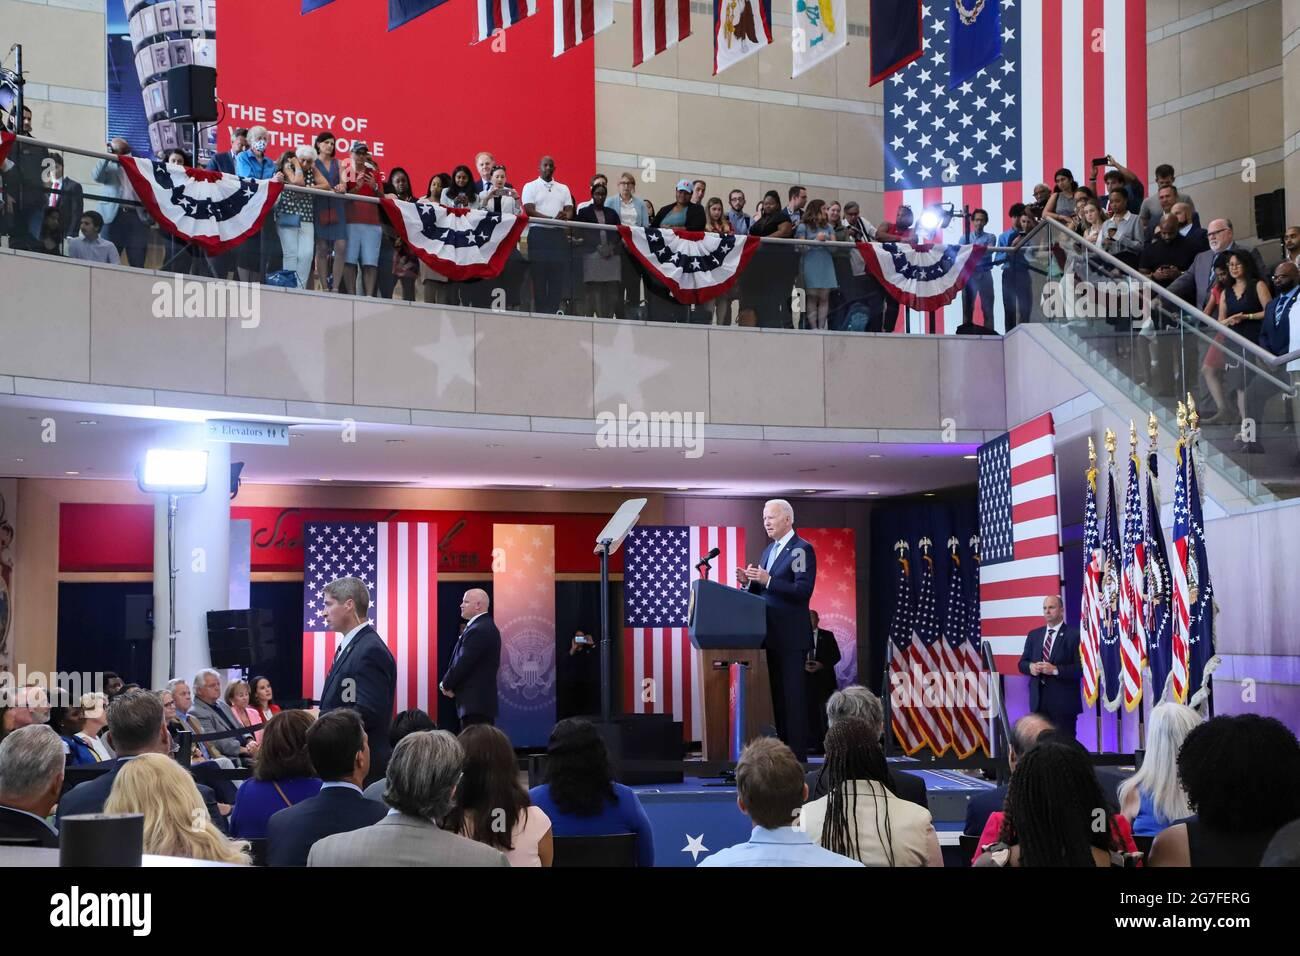 Philadelphia, PA, USA. Juli 2021. Präsident JOE BIDEN hielt am Dienstag, den 13. Juli 2021, im National Constitution Center in Philadelphia, Pennsylvania, eine Rede zu Maßnahmen zum Schutz des heiligen, verfassungsmäßigen Stimmrechts. Kredit: Saquan Stimpson/ZUMA Wire/Alamy Live Nachrichten Stockfoto